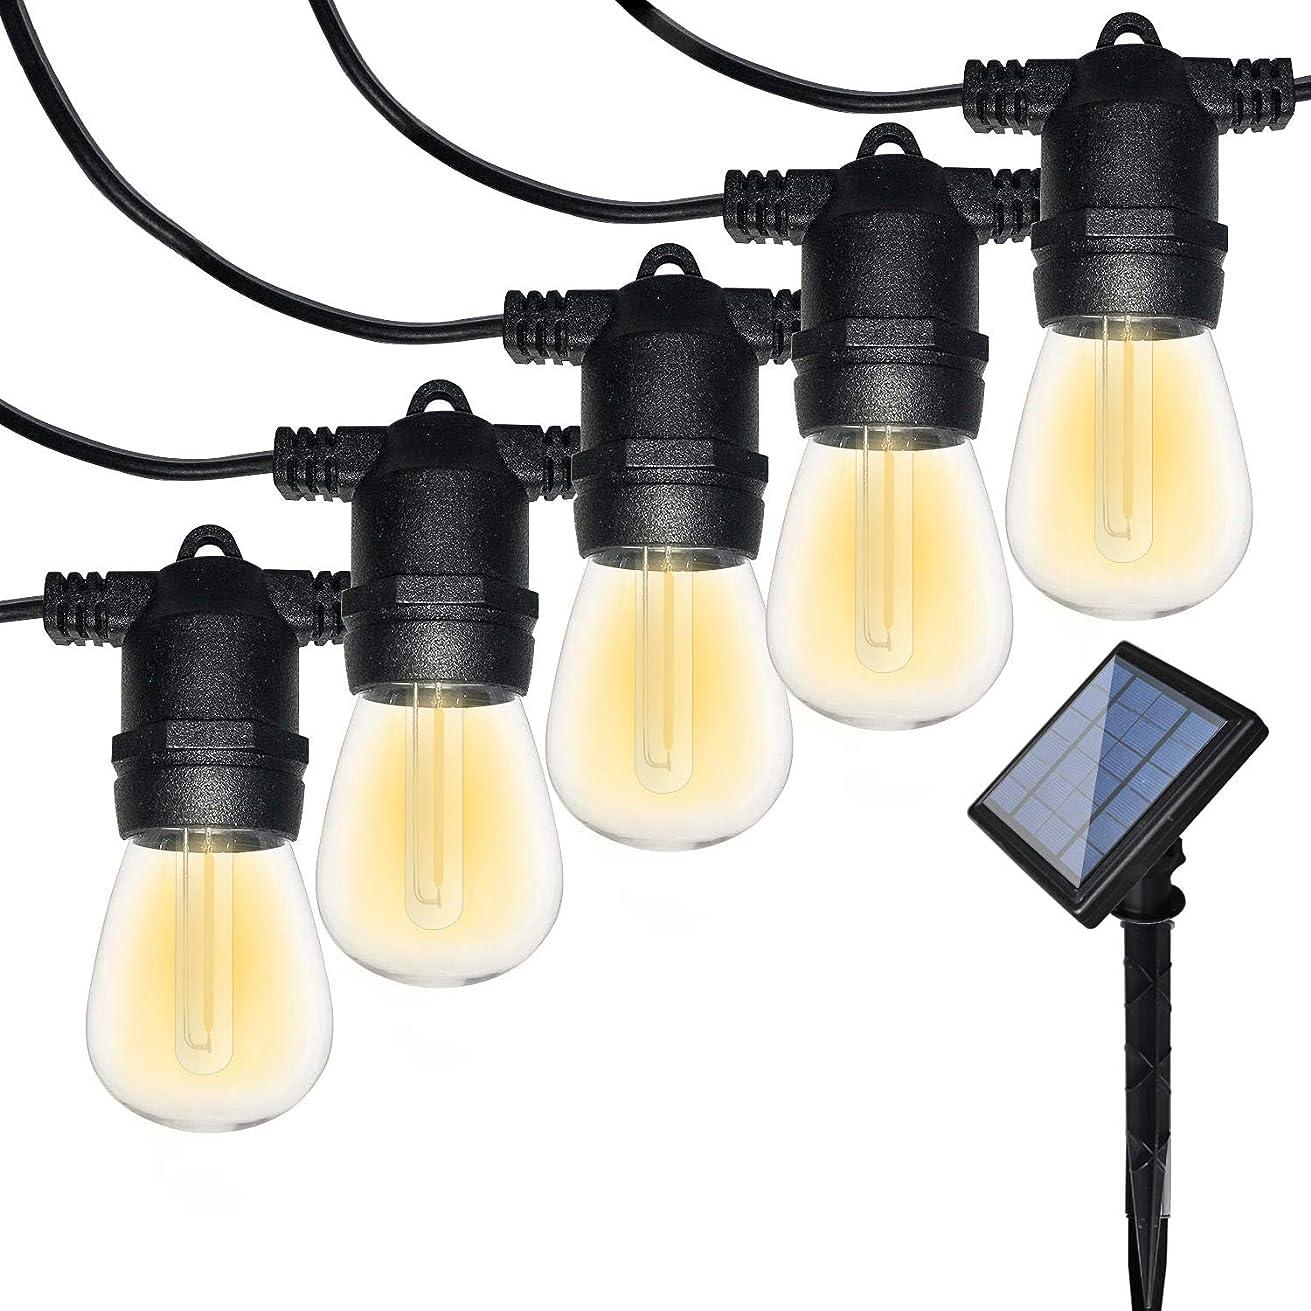 好意的リッチ縫い目Bomcosy ソーラー LEDストリングライト イルミネーションライト ソーラー充電式 12led電球 7.6mワイヤーライト 防雨型 屋外 IP65防水 電飾 飾り パーティー 屋外 室内 結婚式対応 連結不可